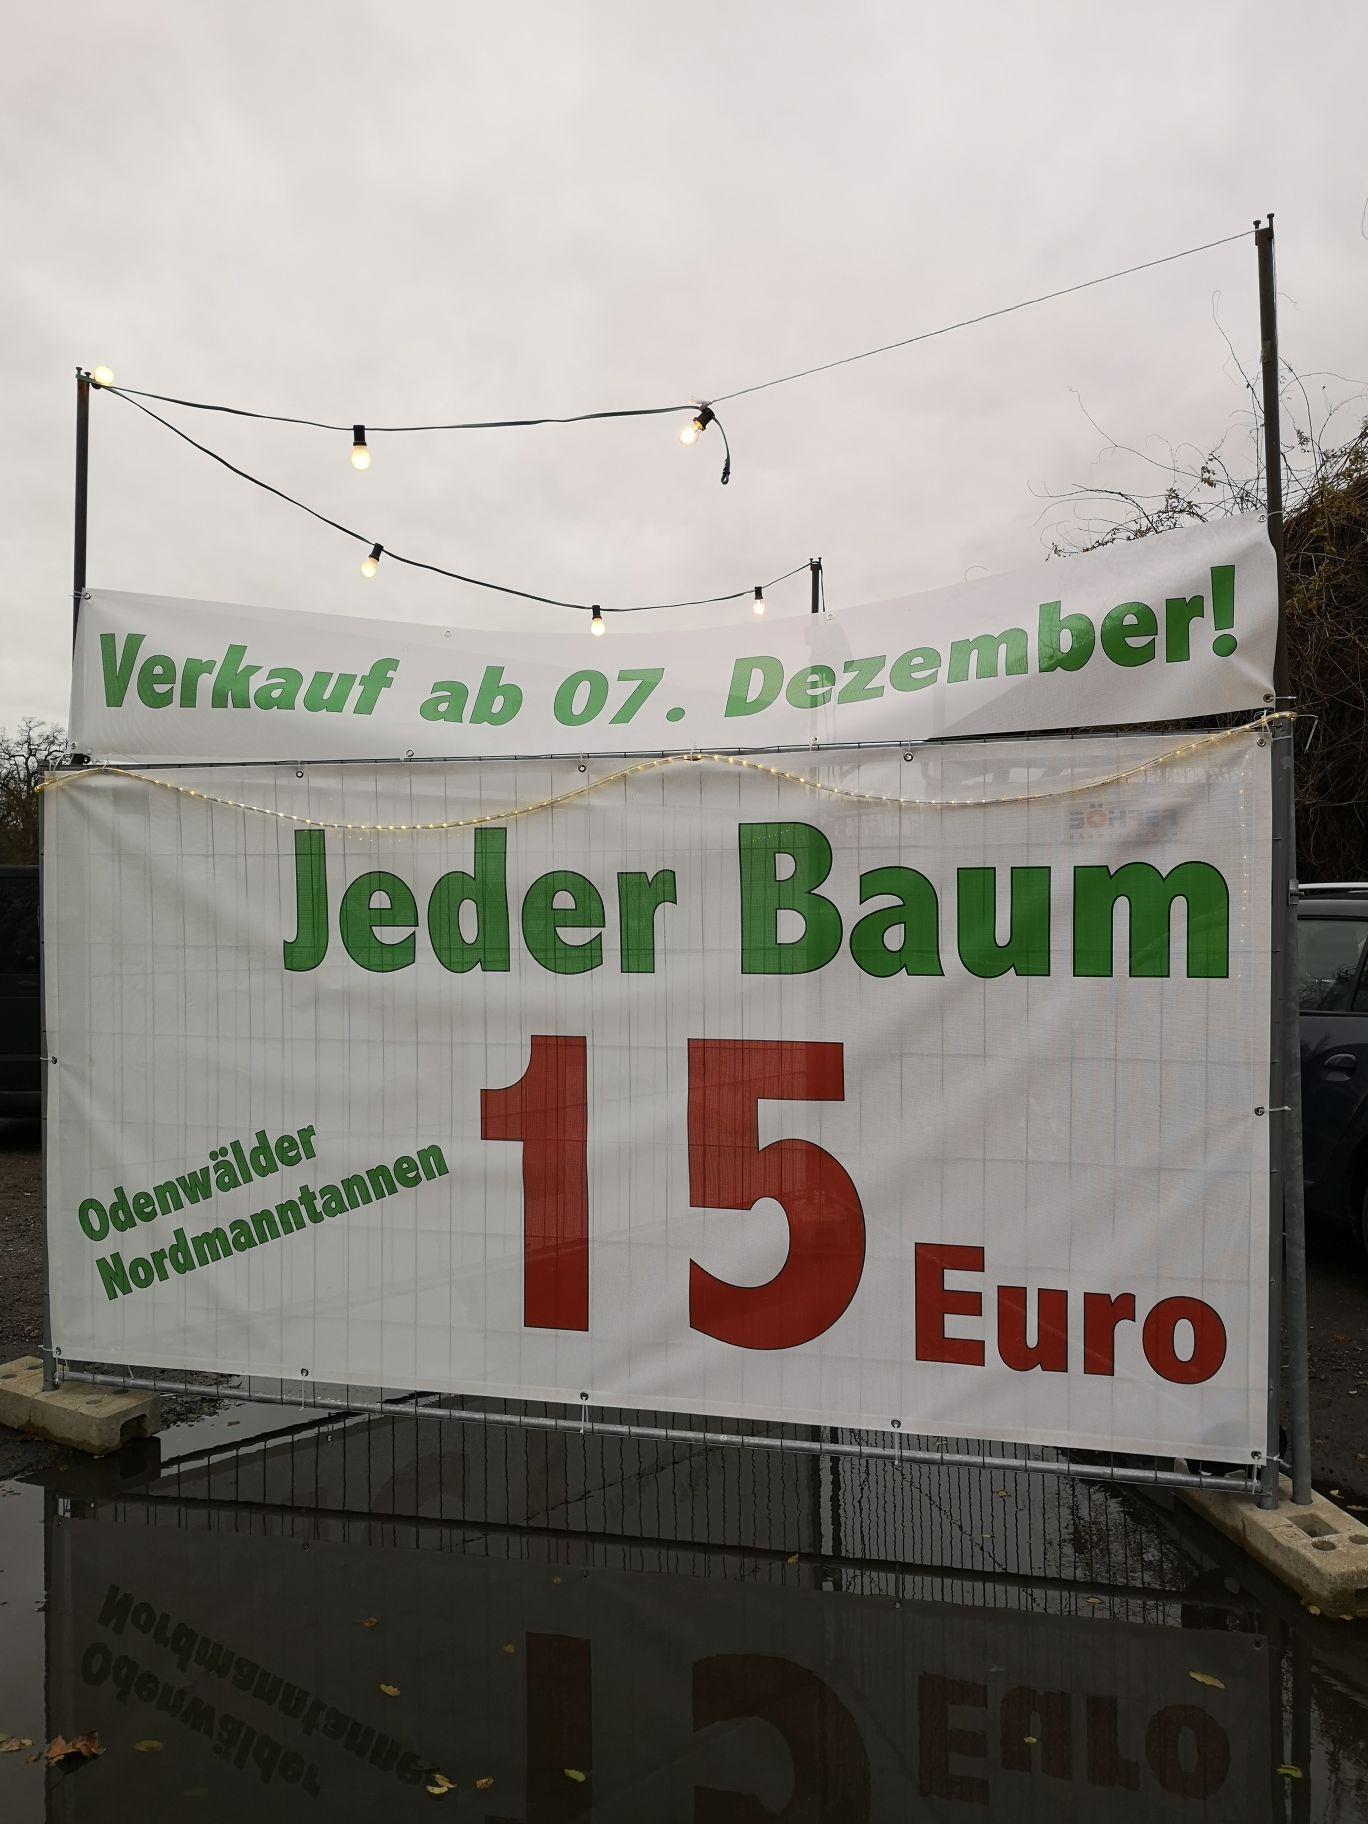 [LOKAL] Aschaffenburg - Weihnachtsbäume Nordmanntannen aus dem Odenwald alle Größen (ca. 1,5 m - 2,5 m) wieder für 15€ verfügbar